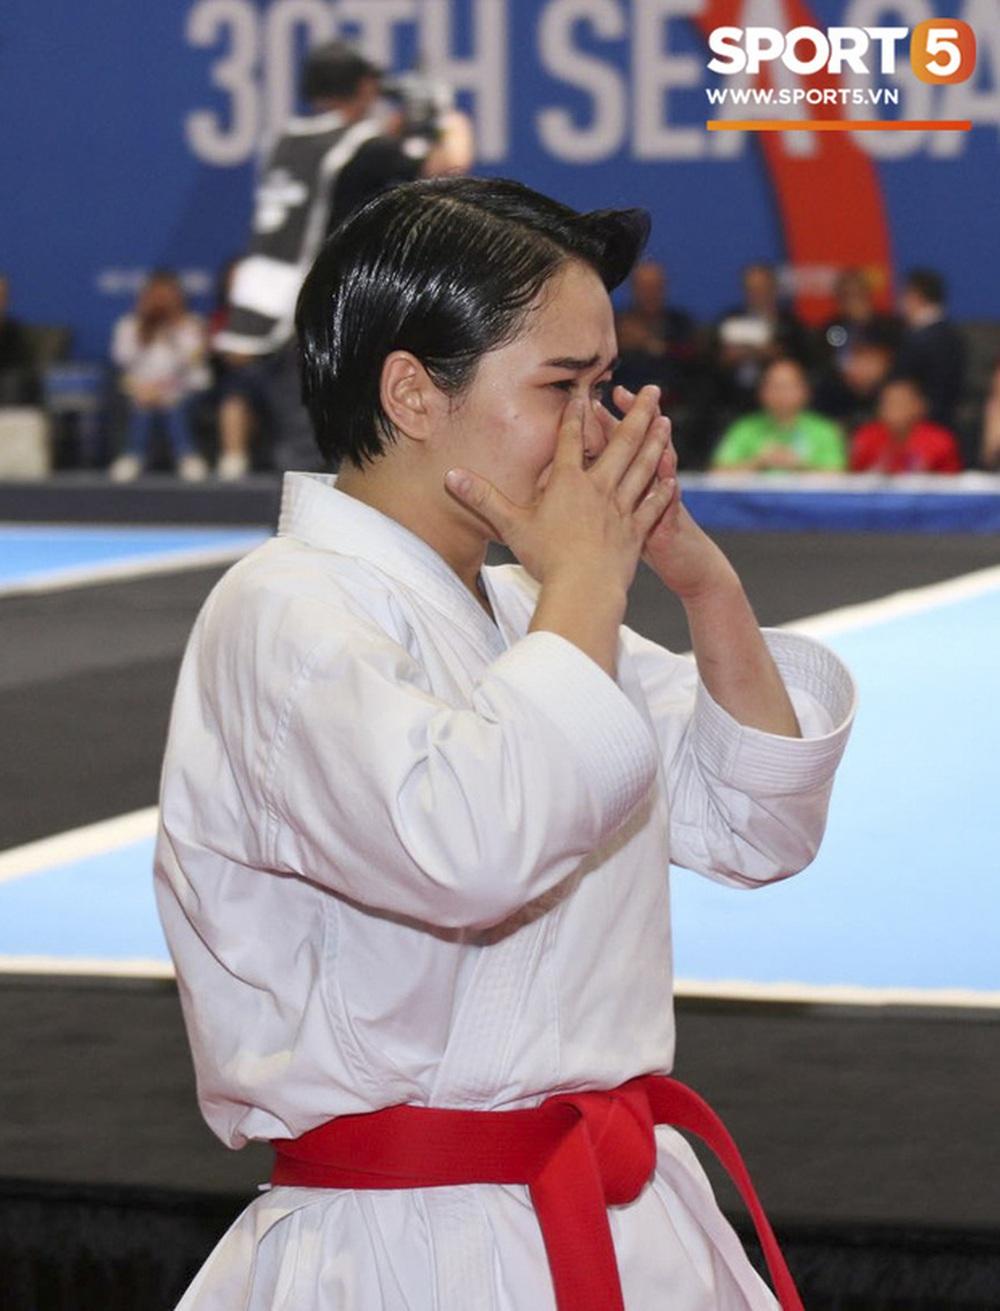 Những nhà vô địch mít ướt tại SEA Games 30: Ở đó có những giọt nước mắt phải chờ đợi hơn nửa đời người - Ảnh 17.